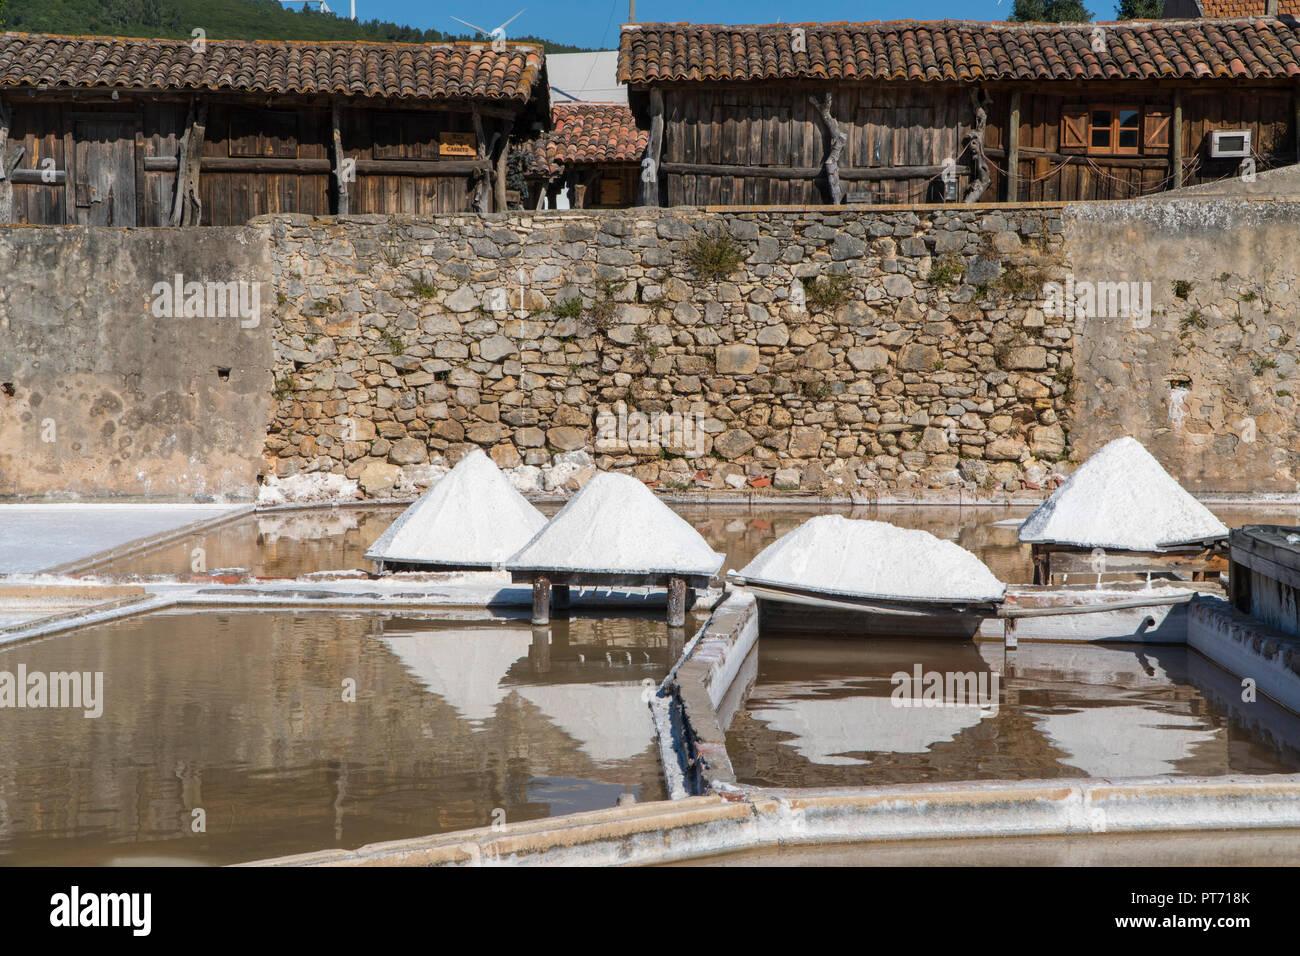 Montones de secado de sal en madera cubiertas en Rio Maior salinas. El documento más antiguo refiriéndose a estas Salinas se remonta a 1177, pero se cree que Imagen De Stock